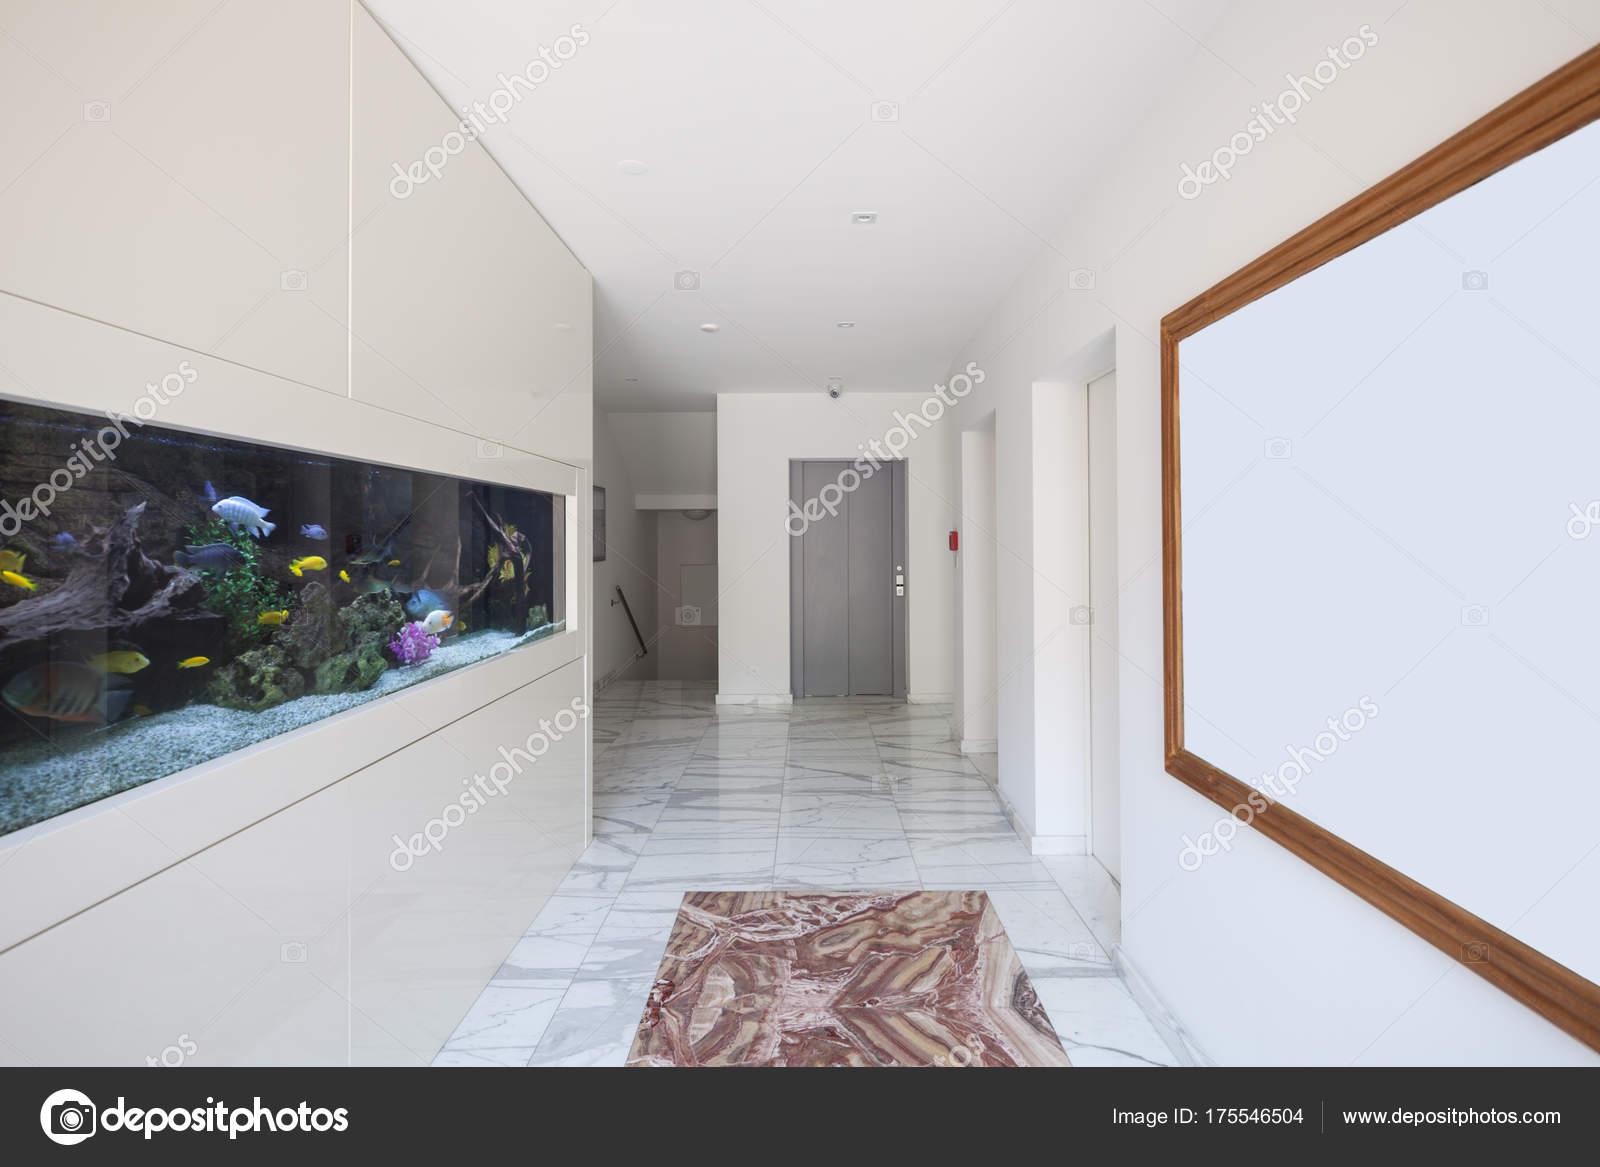 Moderne Palast, Flur Mit Aquarium U2014 Stockfoto